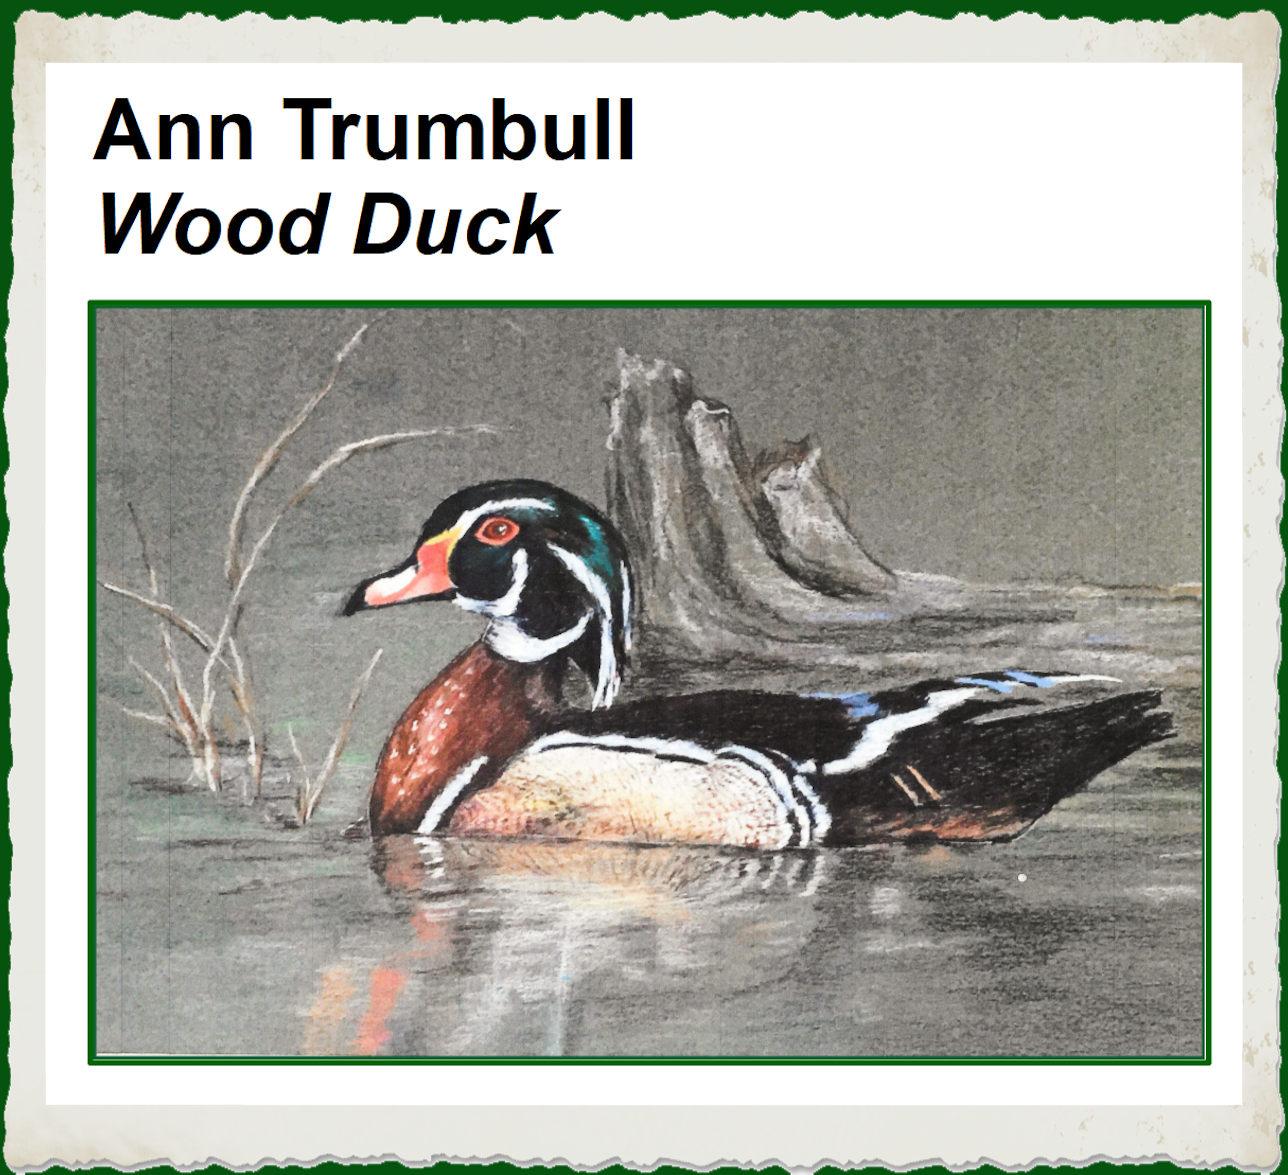 ann-trumbull-wood-duck-frame.jpg